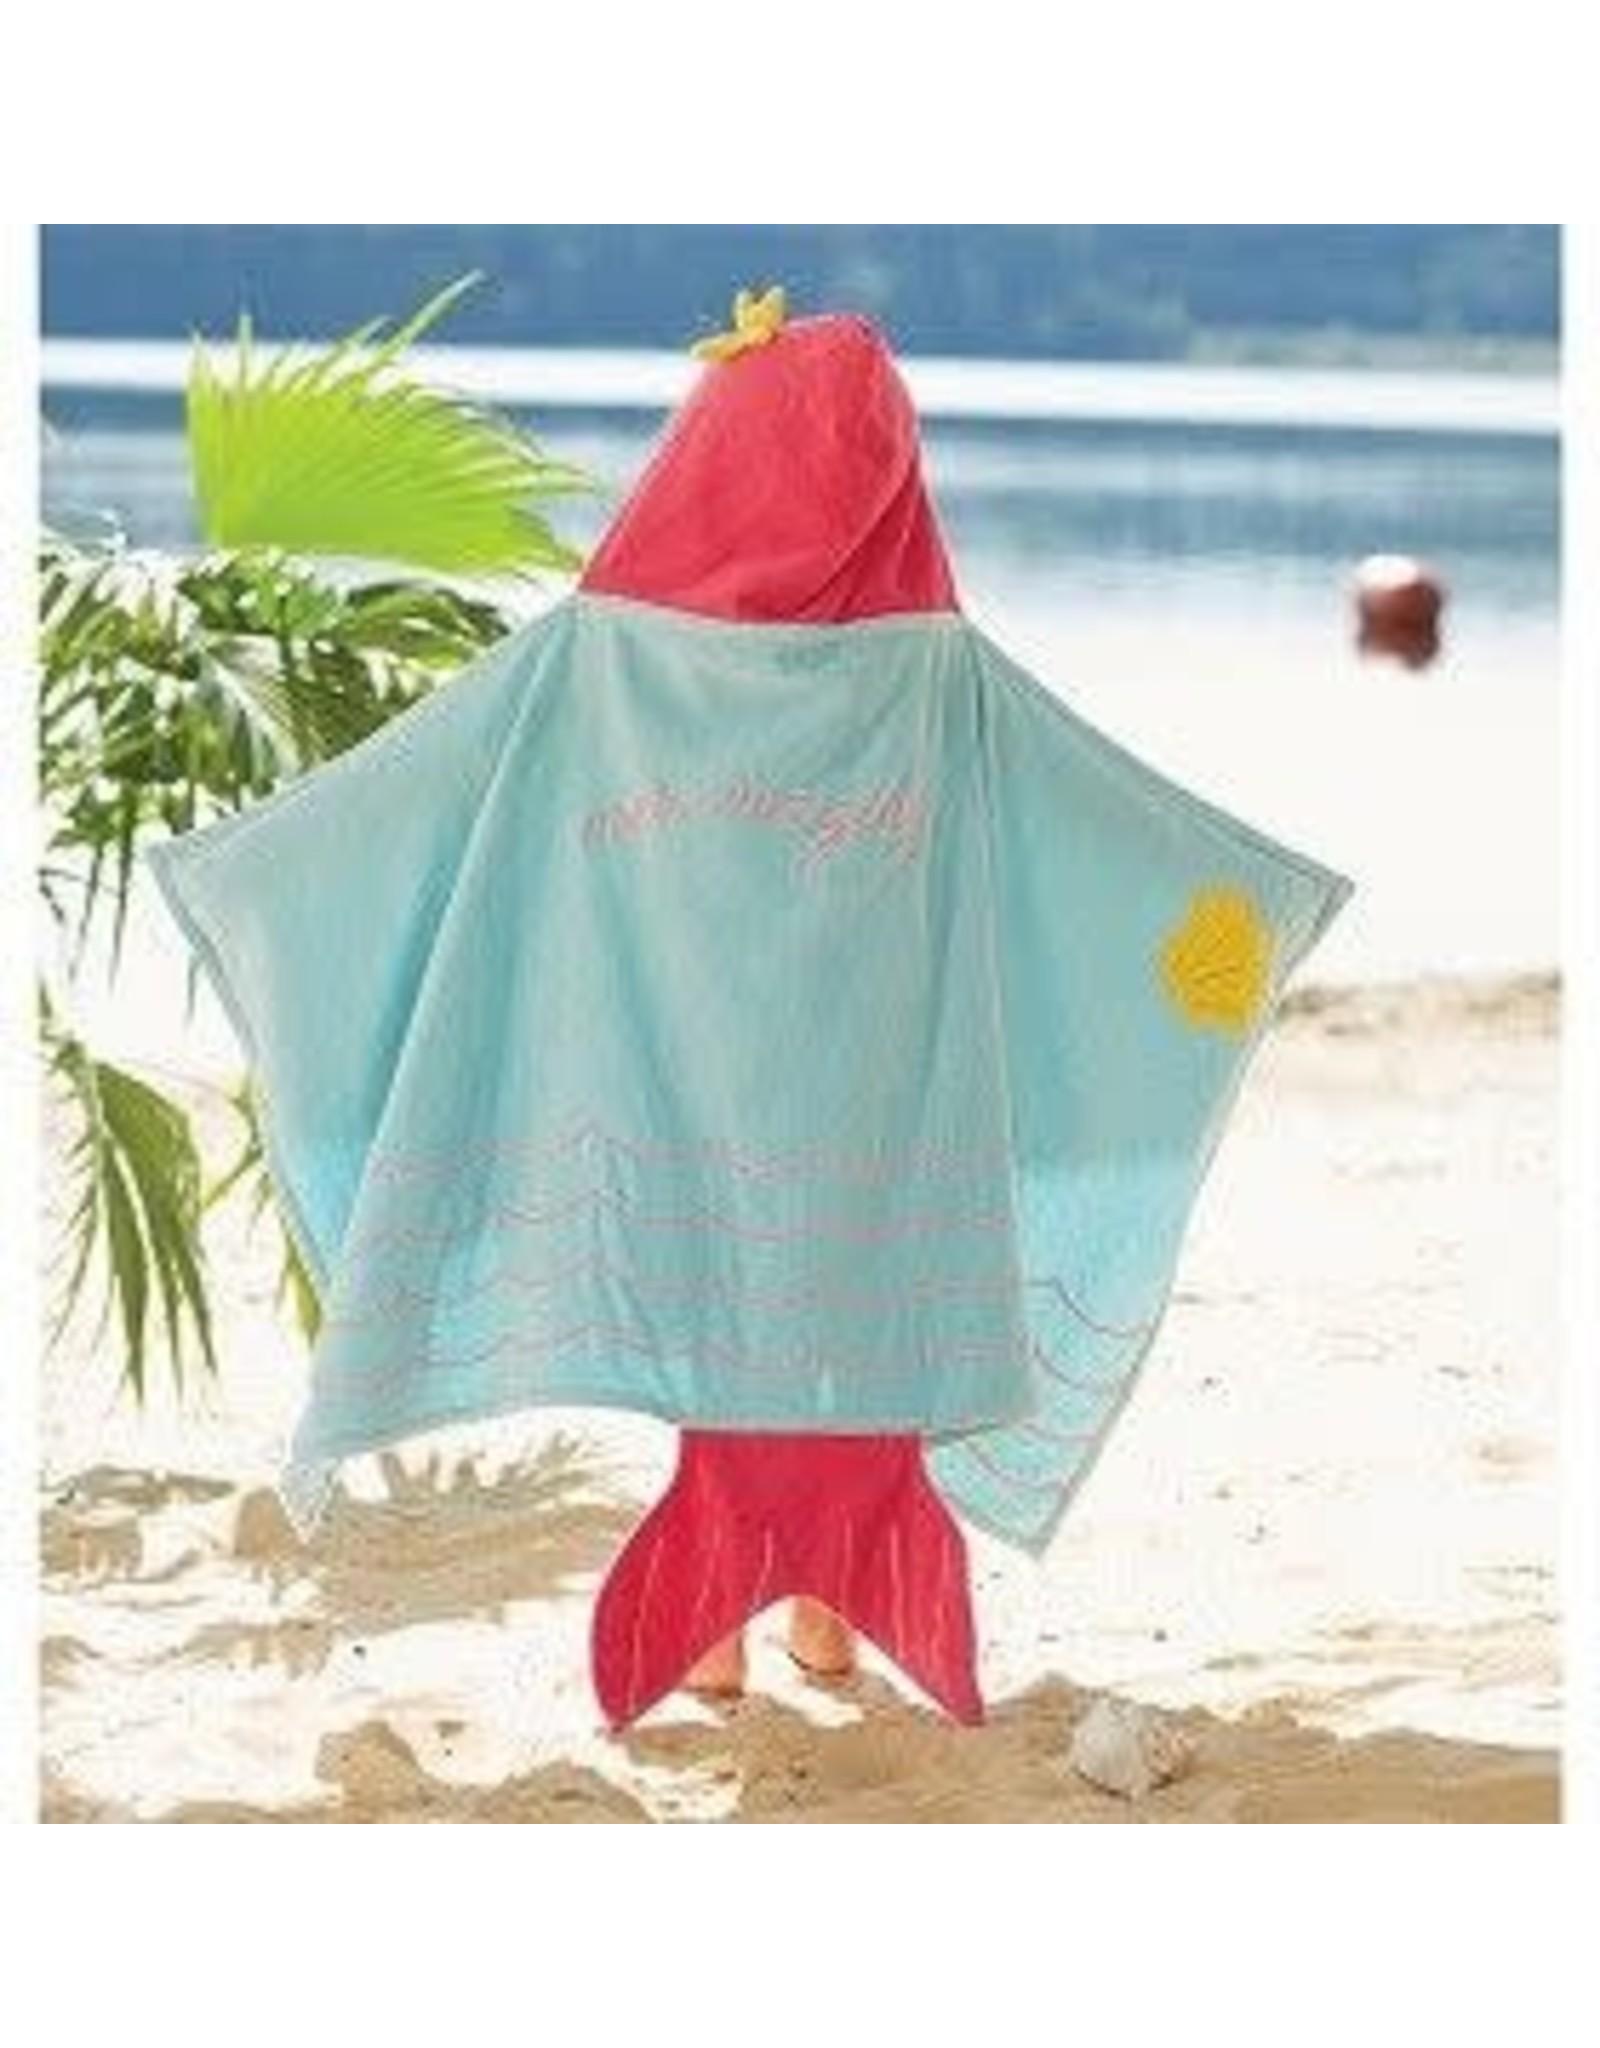 MUDPIE MUDPIE HOODED BEACH TOWEL